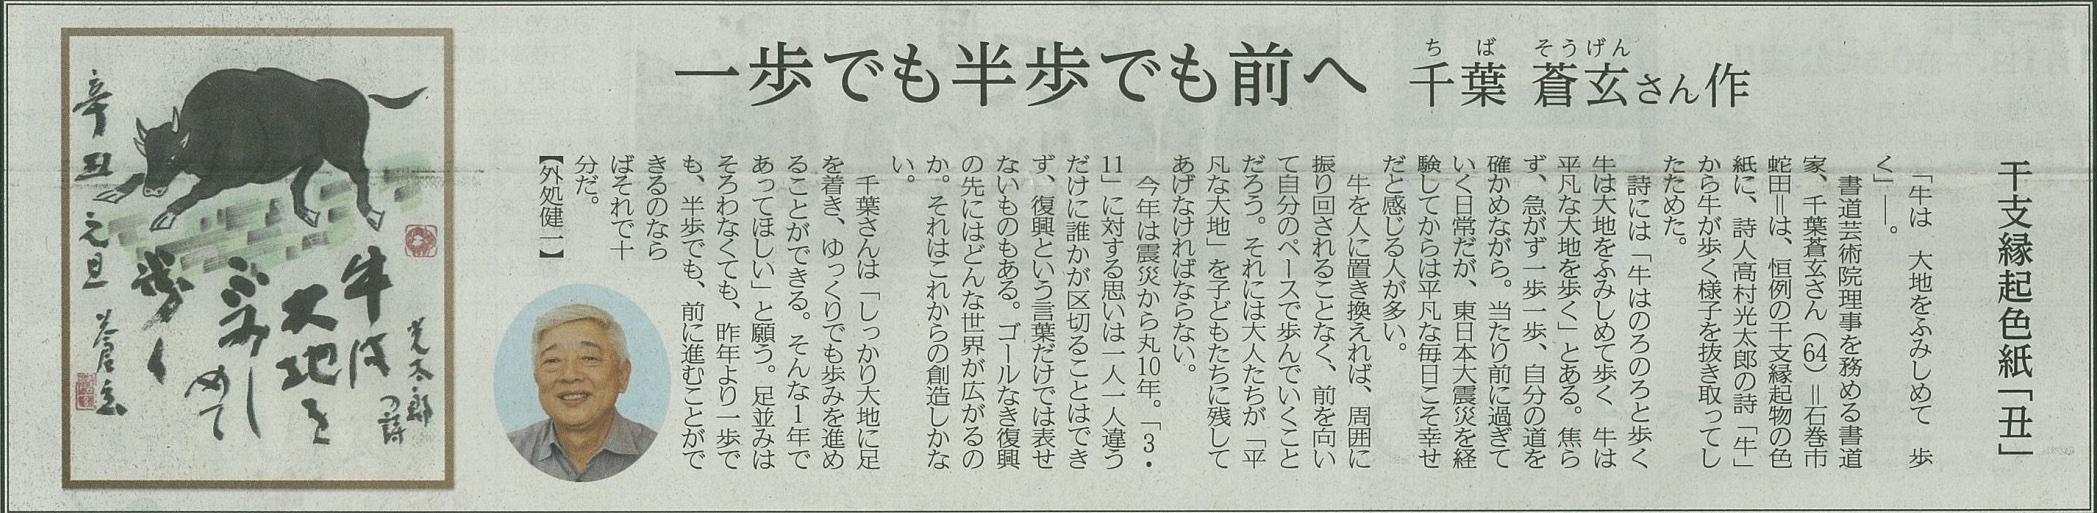 石巻日日新聞2021年元旦